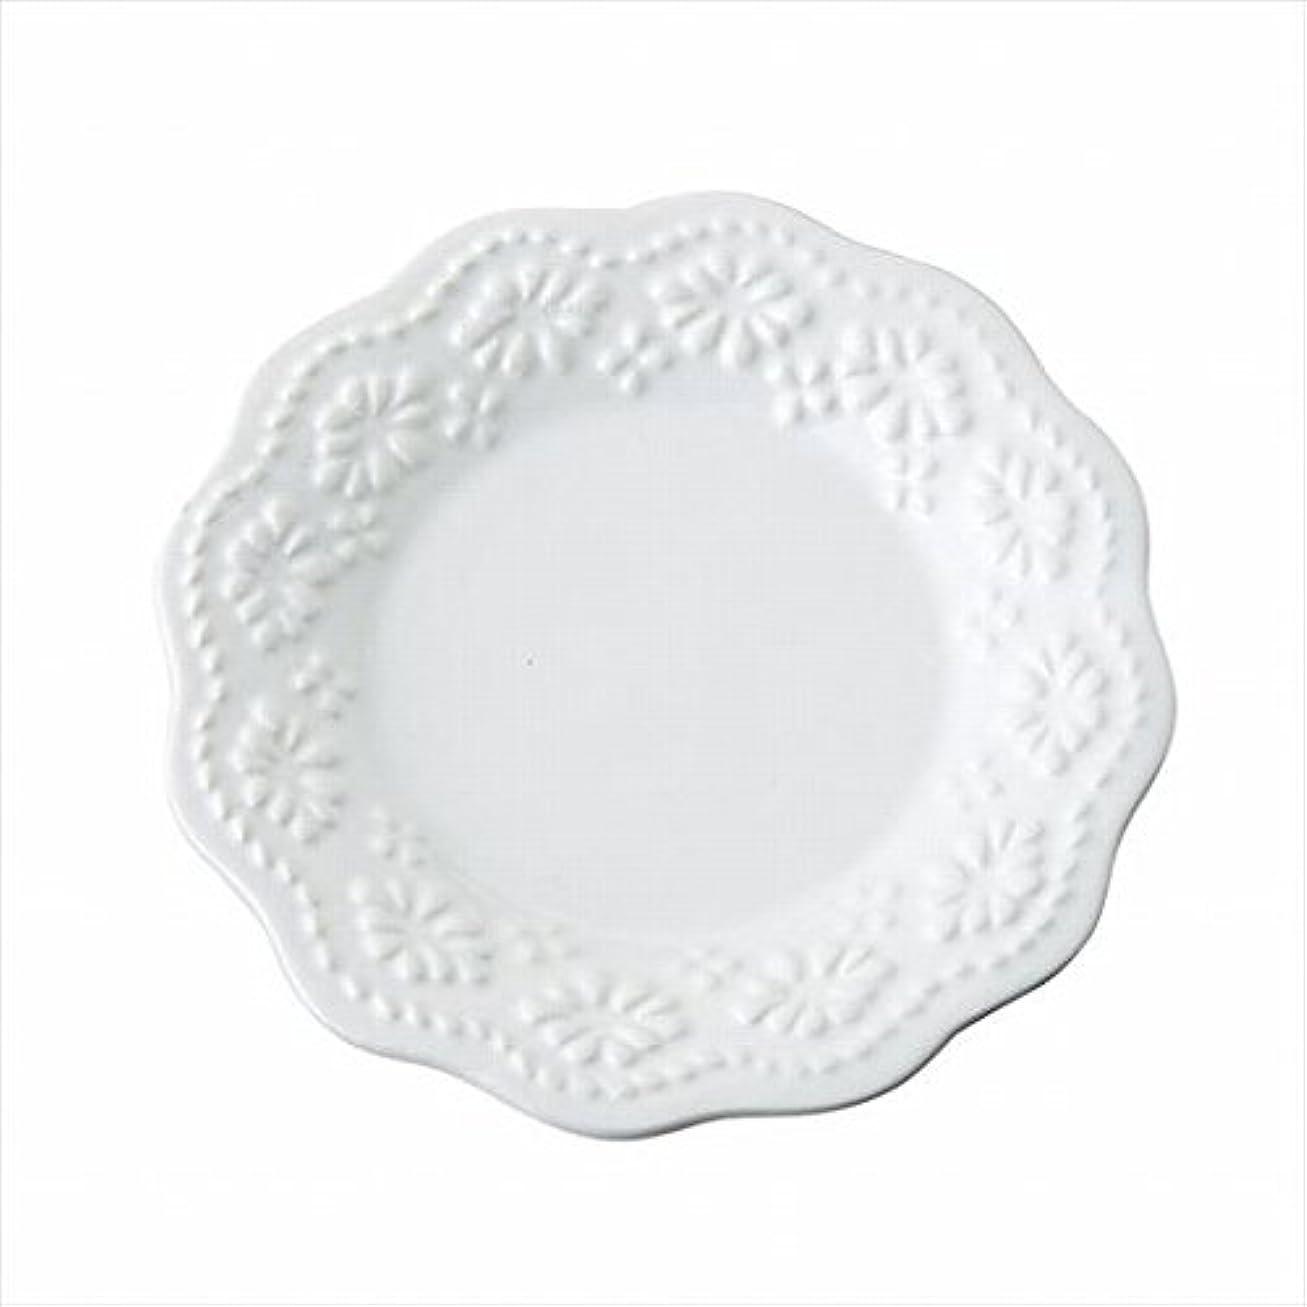 テーブル時刻表スタックカメヤマキャンドル( kameyama candle ) レースプレートS 「 ホワイト 」